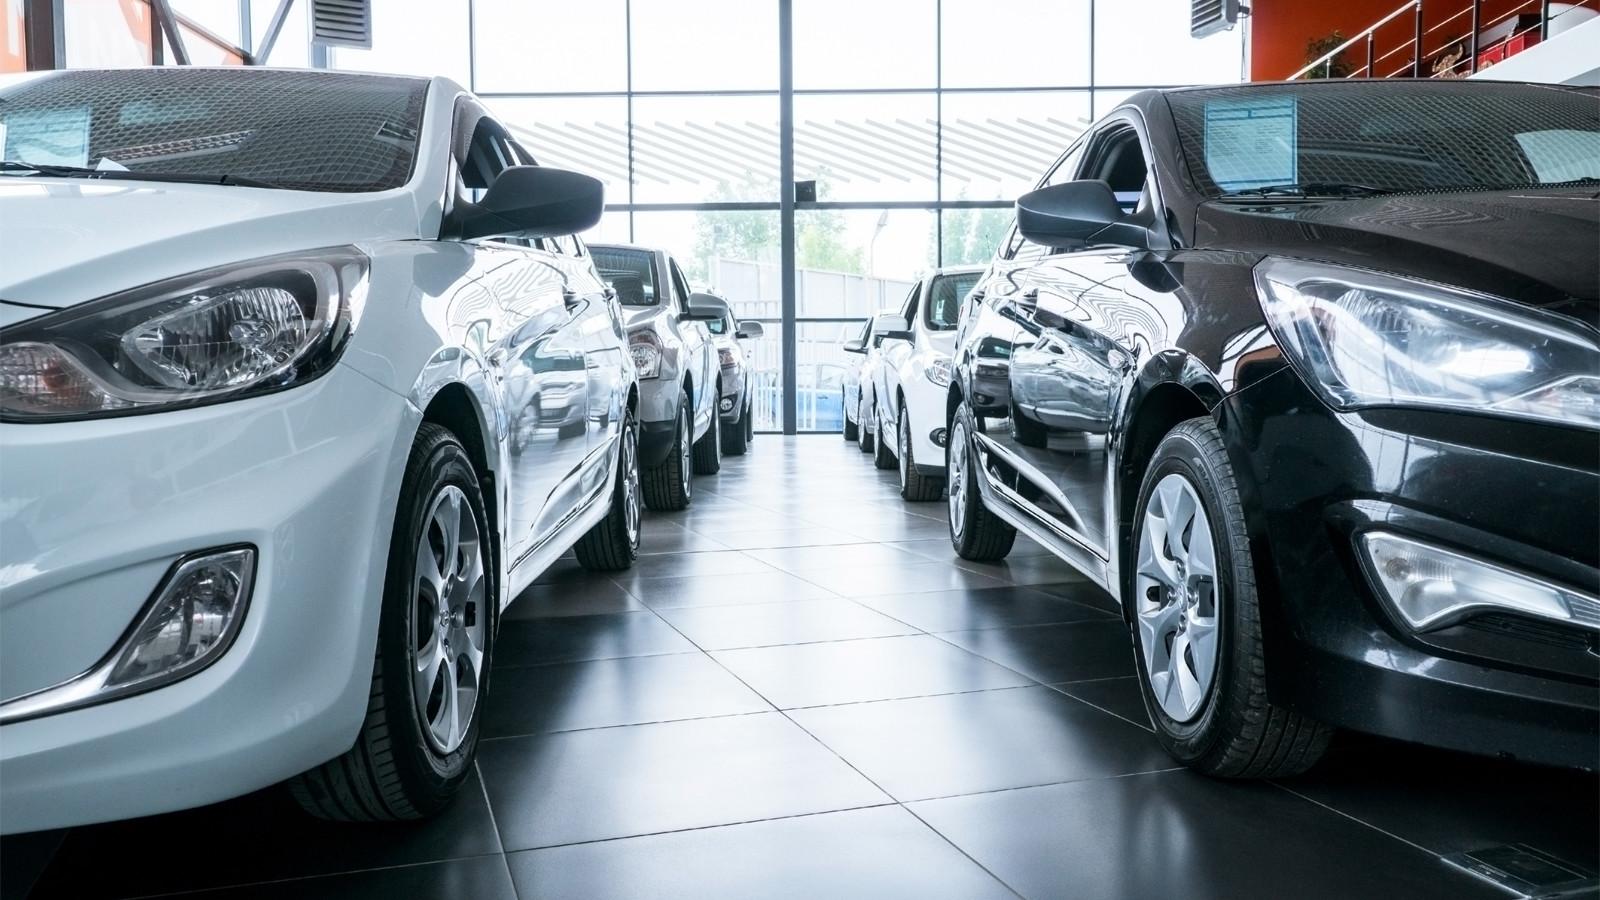 Рынок автомобилей кконцу зимы упал на4,1%